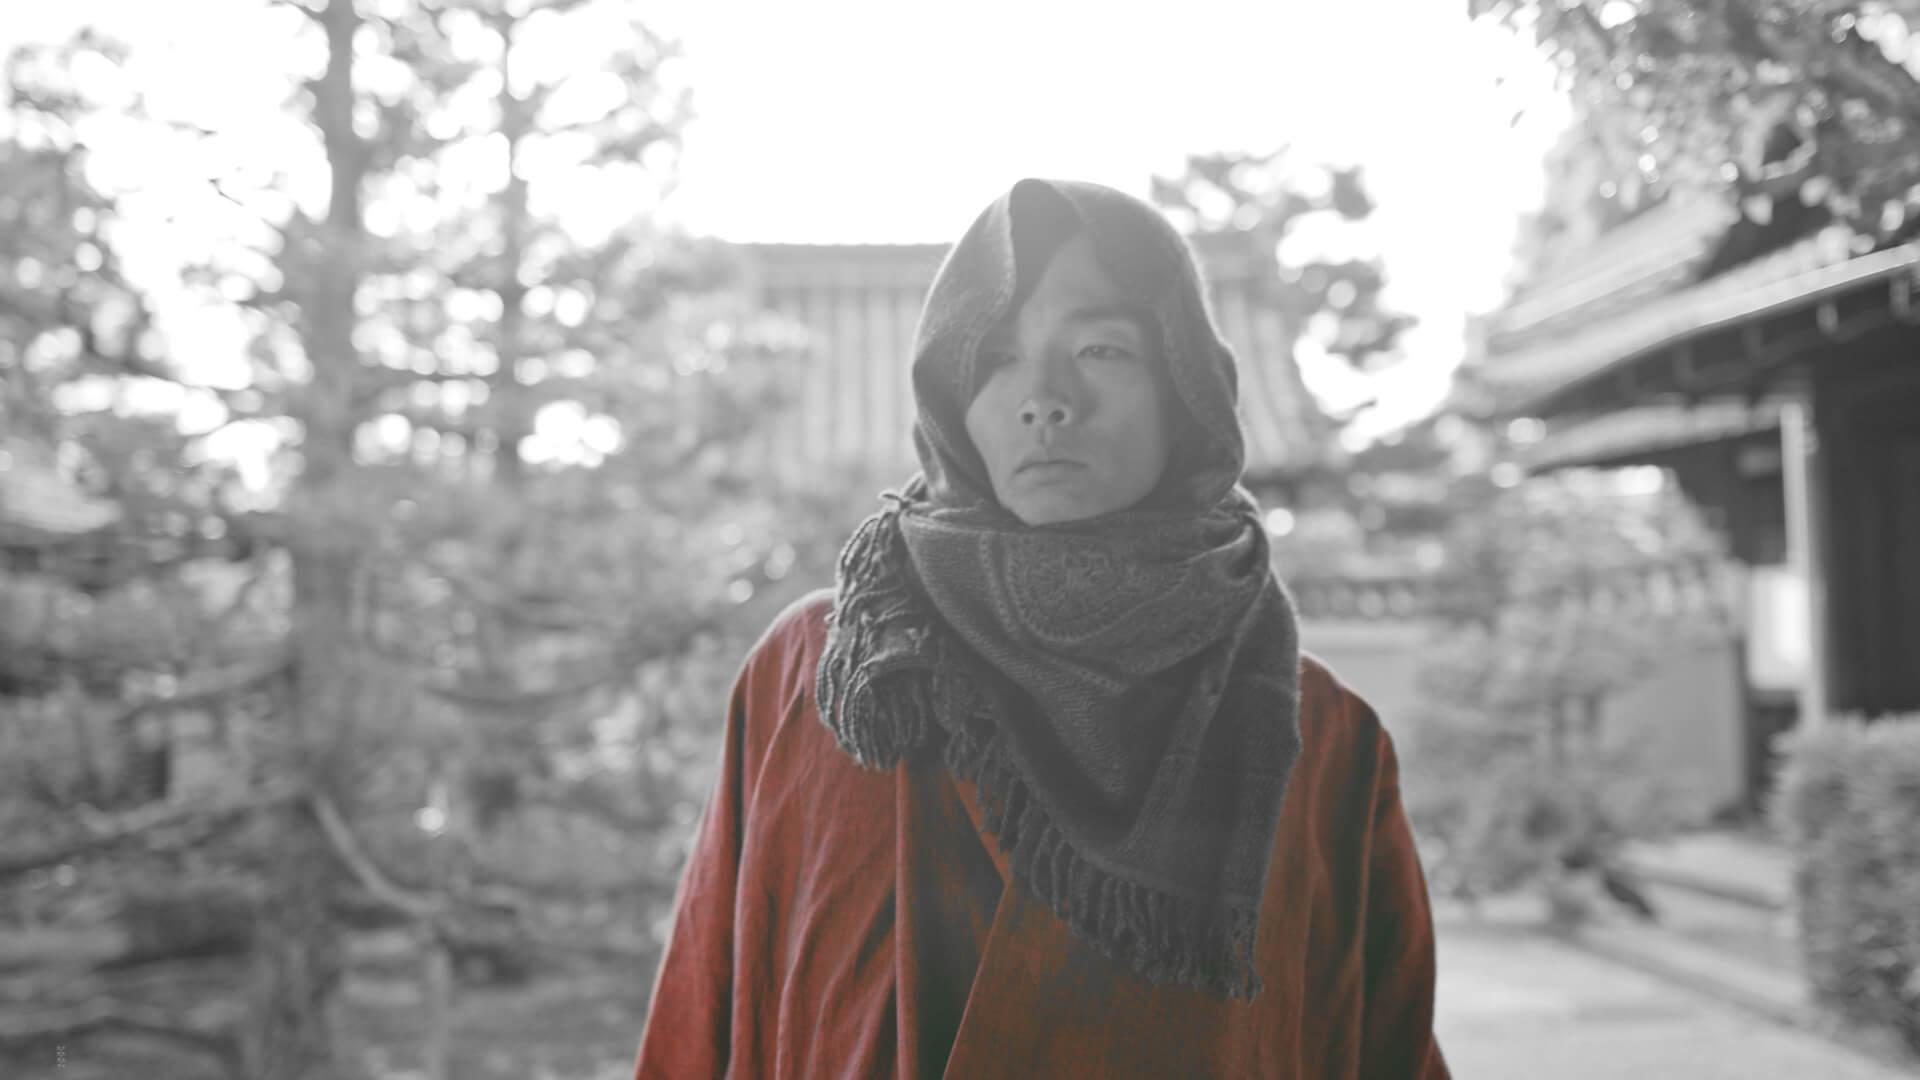 原 摩利彦の最新作『PASSION』より、森山未來参加の表題曲MVが公開!購入者特典はスコット・ウォーカーのカバー収録CD music200514_haramarihiko_mv_05